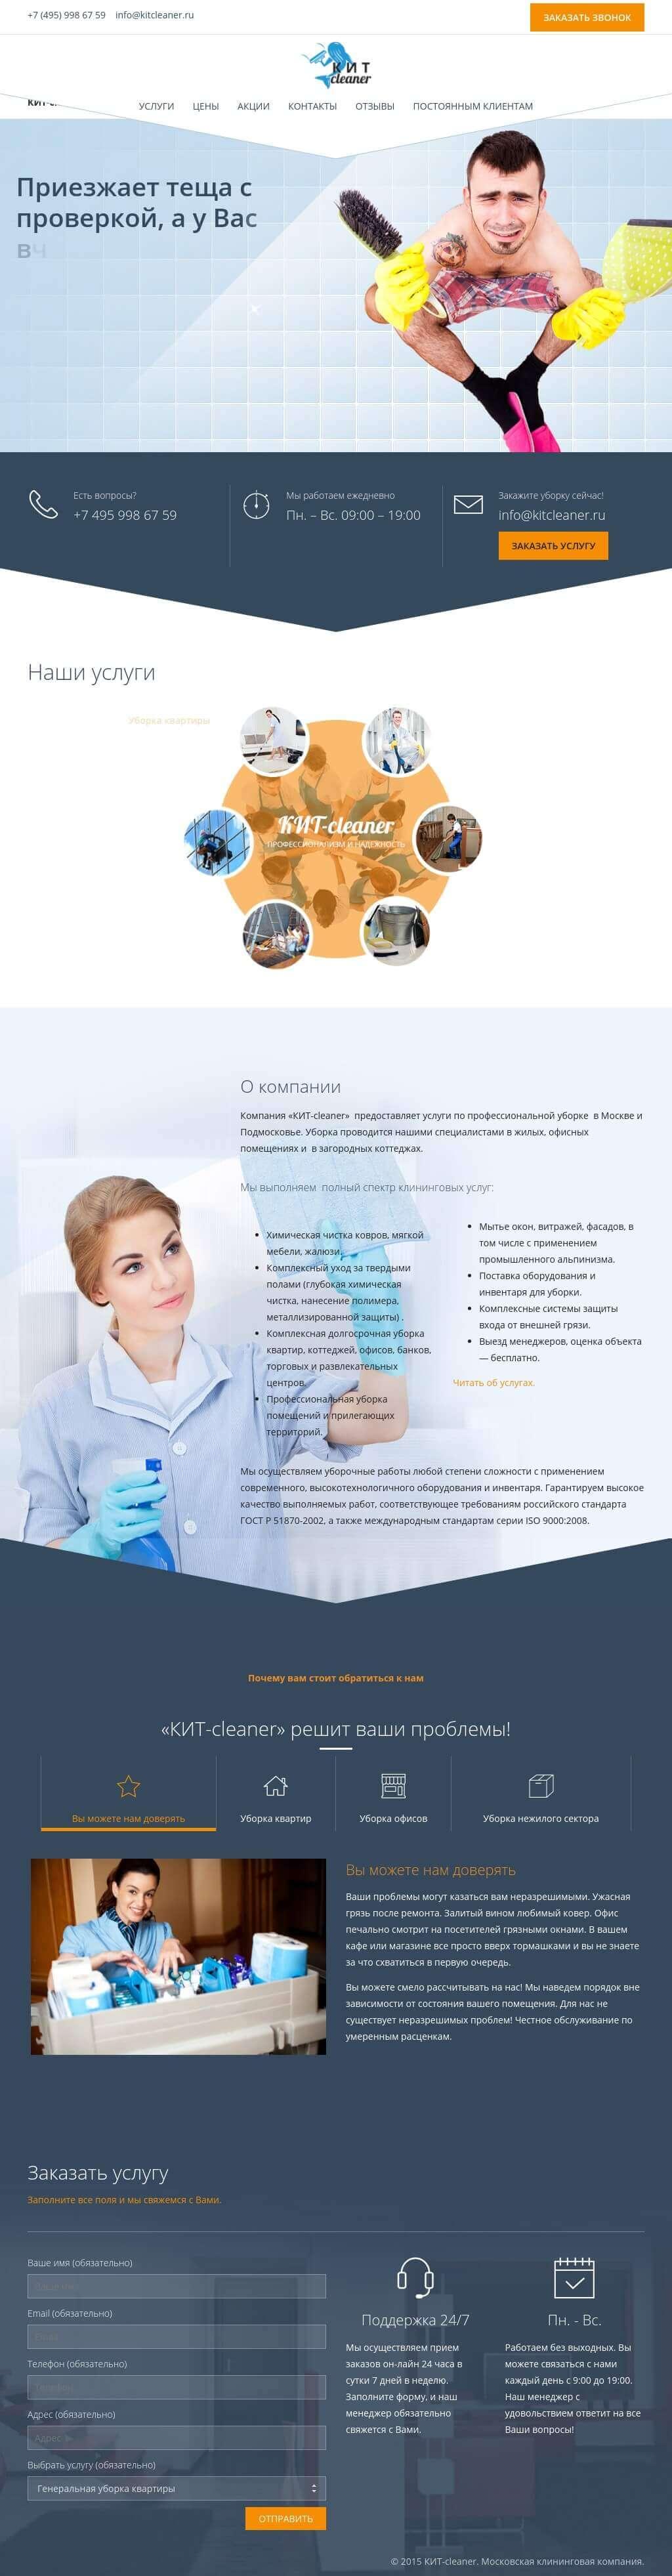 КИТ-cleaner - услуги по профессиональной убopкe